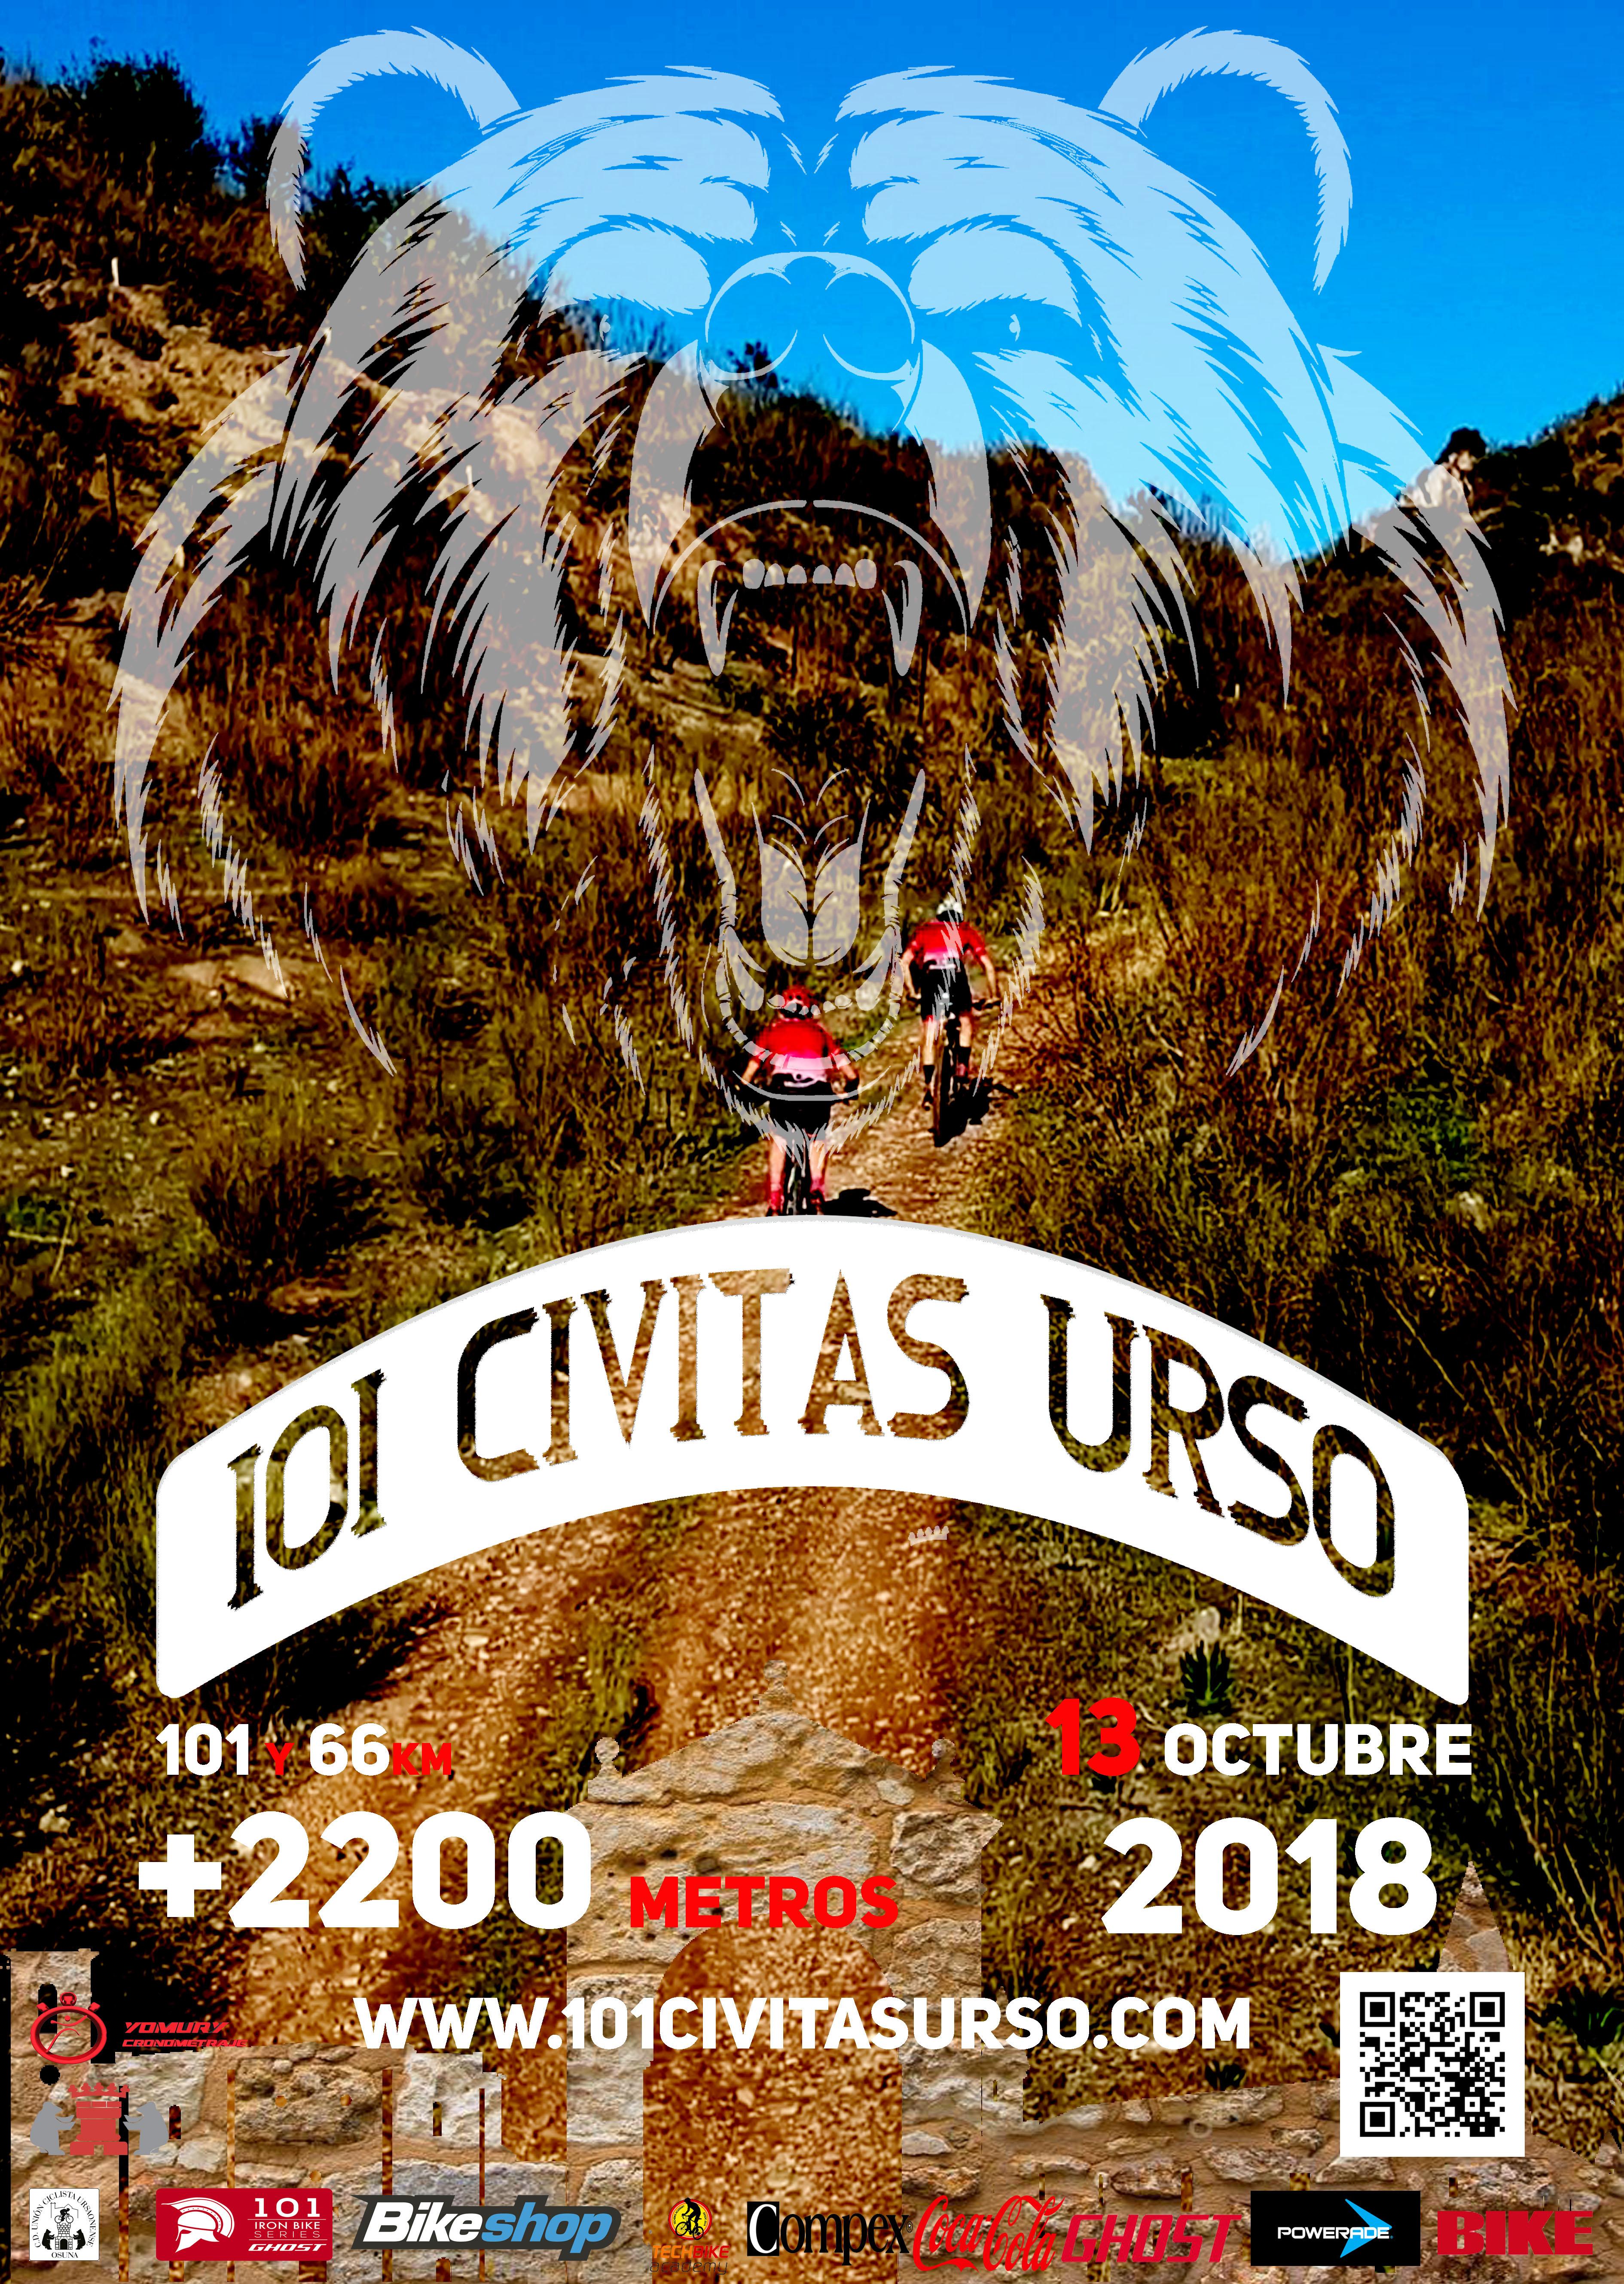 El Giraldillo - Todos los eventos del 27 de Julio en Andalucía